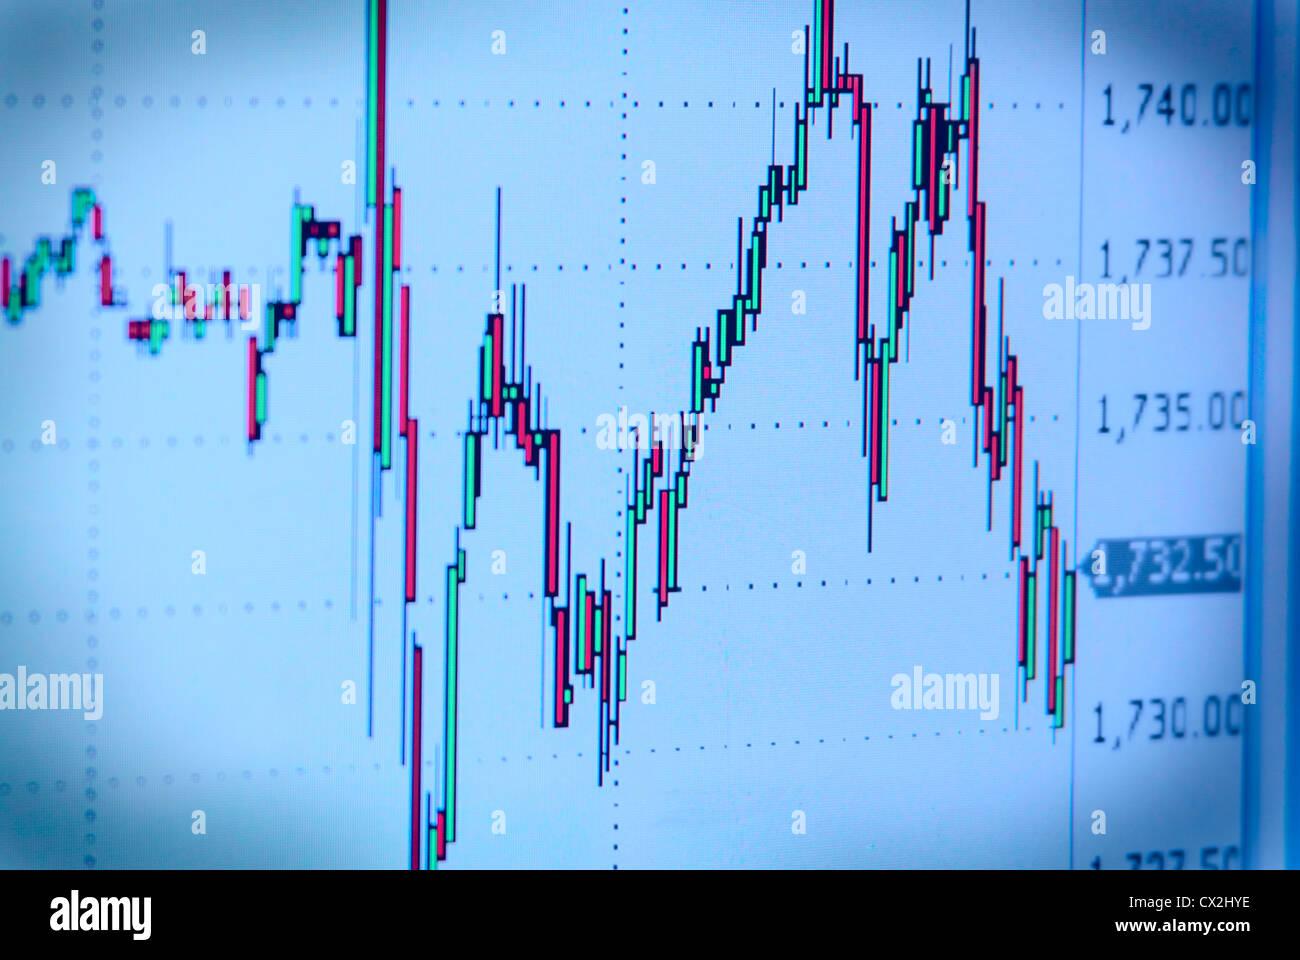 Hintergründe-Monitor-Grafik Stockbild